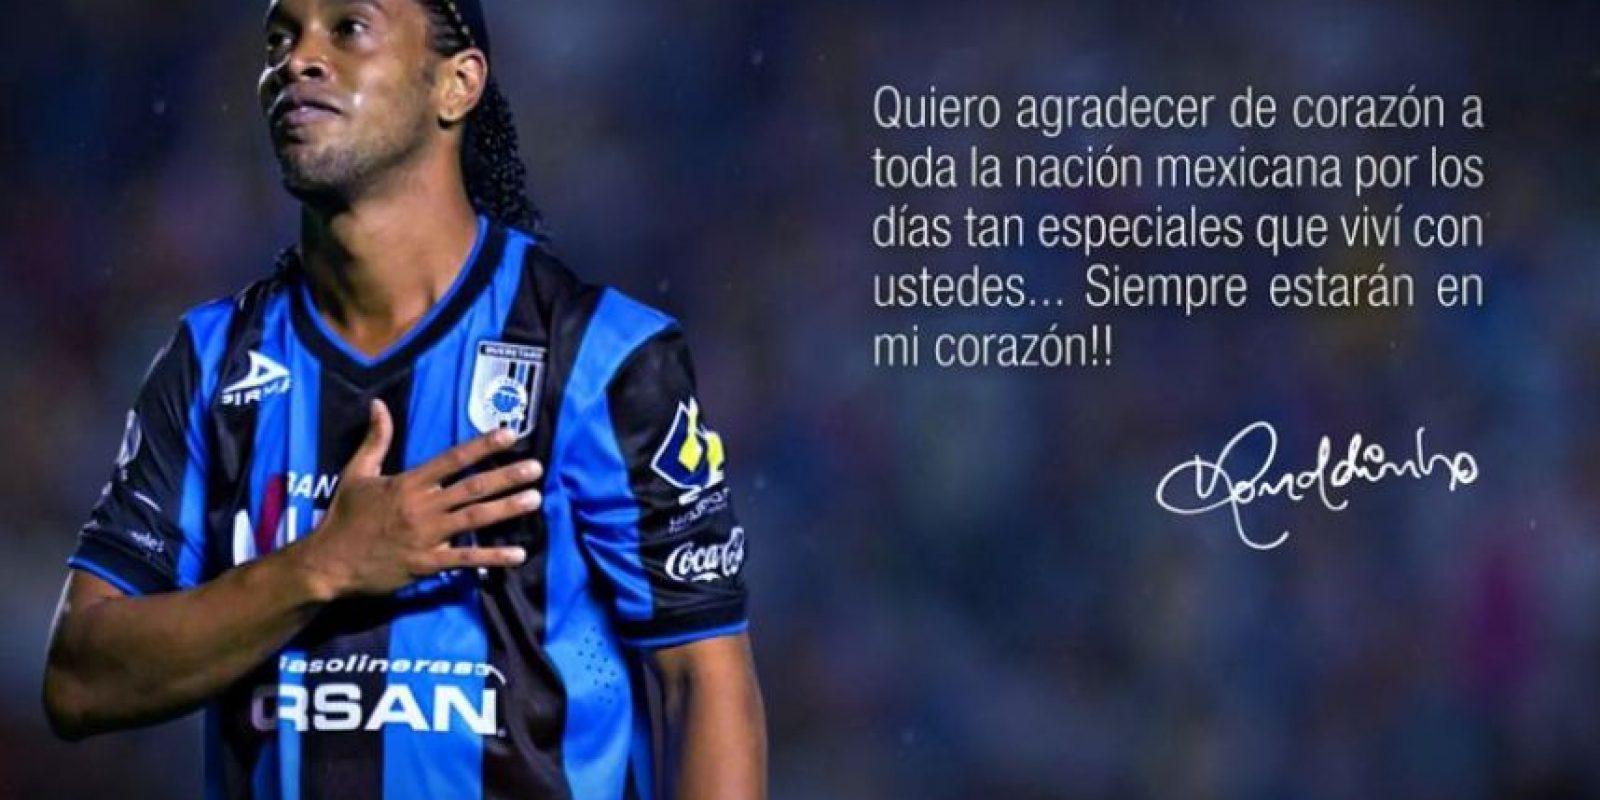 6. Ronaldinho Foto:Vía twitter.com/10ronaldinho